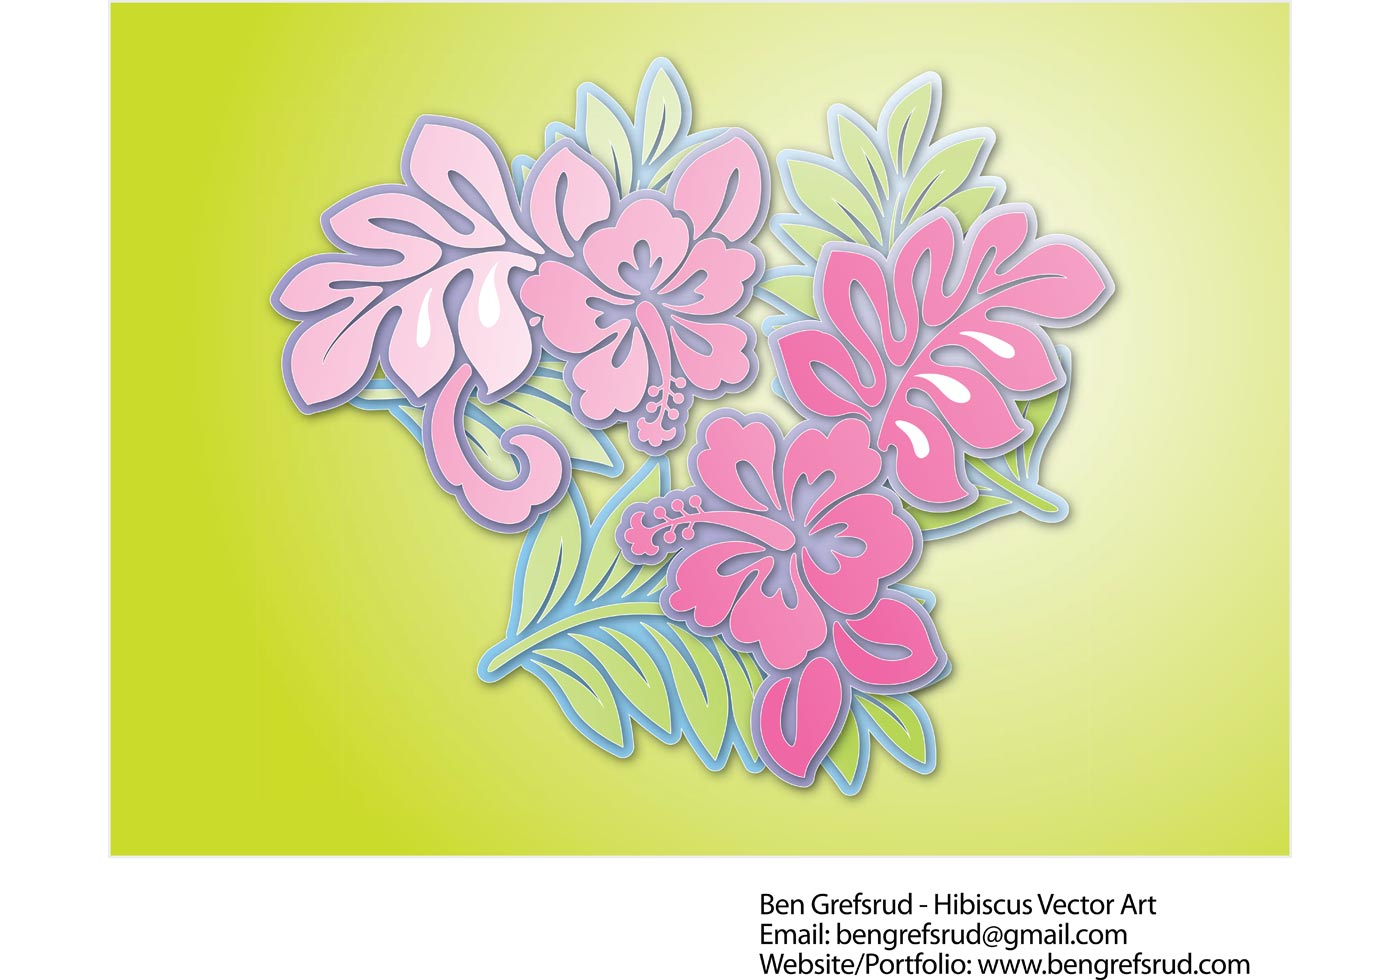 free vector graphic hibiscus - photo #25